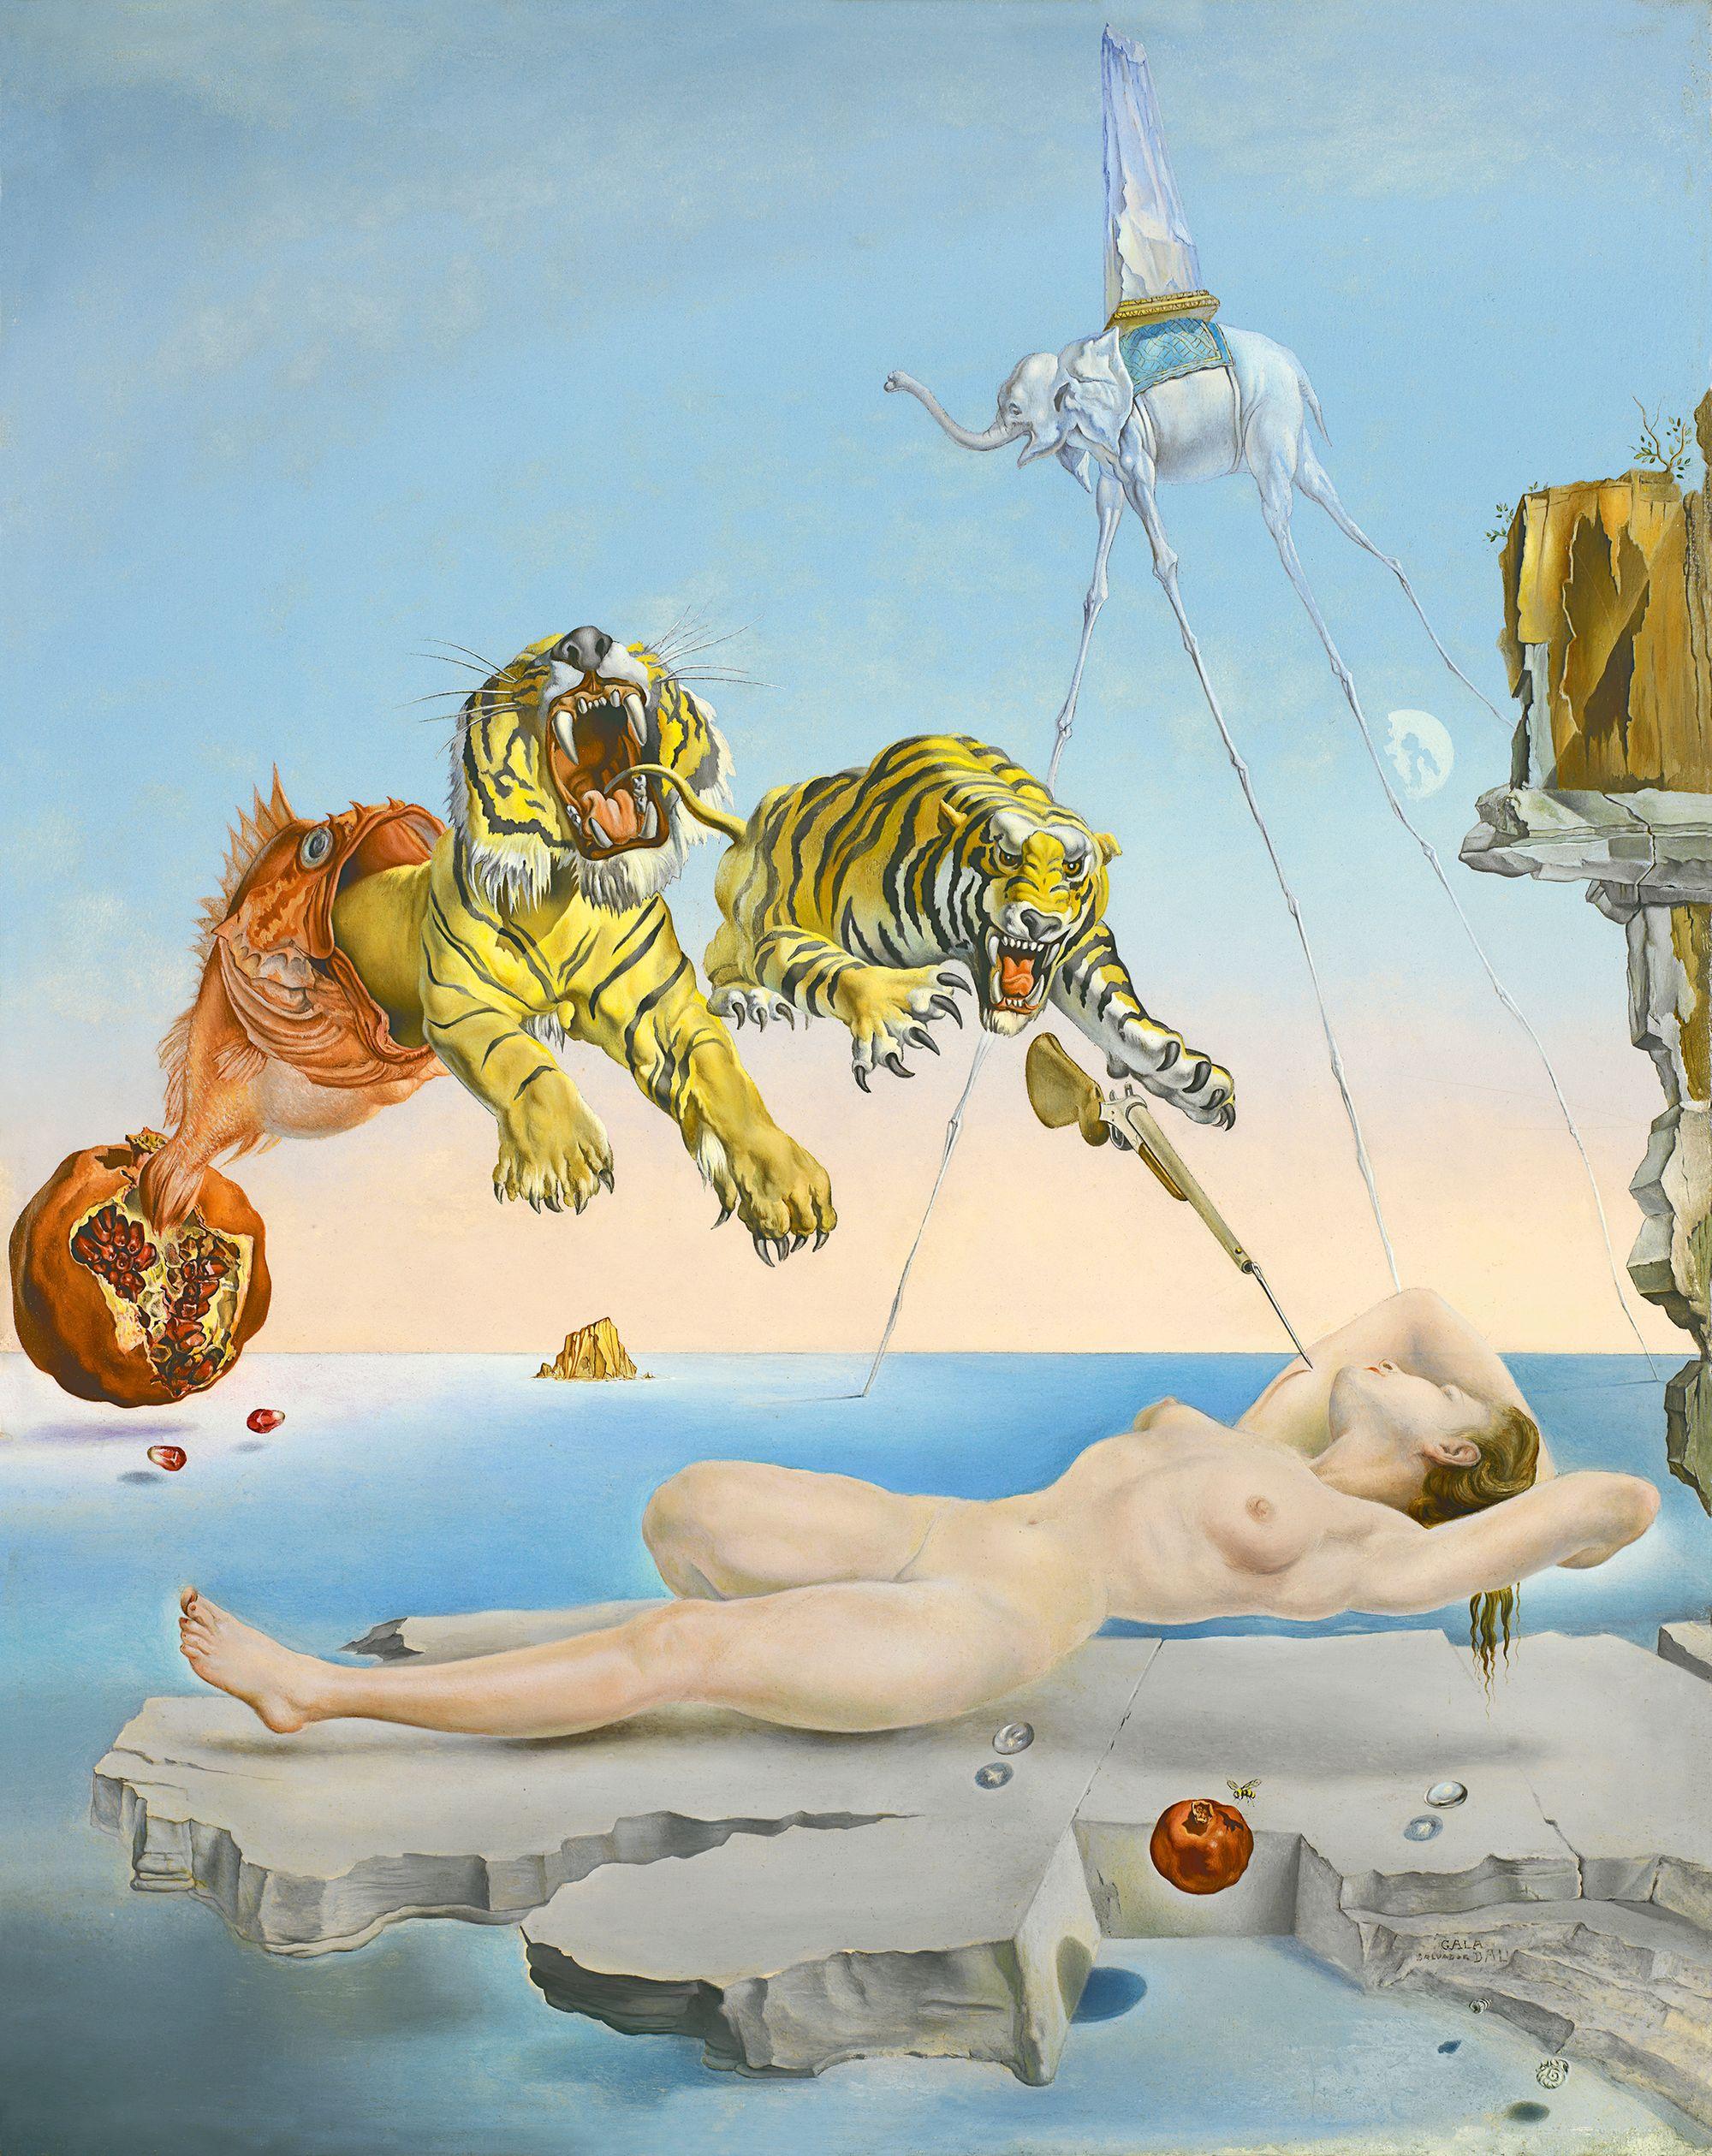 Esta pintura de Dalí titulada Sueño causado por el vuelo de una abeja alrededor de una granada un segundo antes de despertar, es un ejemplo del tipo de sueños surrealistas que según los griegos estaría producido por Fantasos. Vía Museo Thyssen.